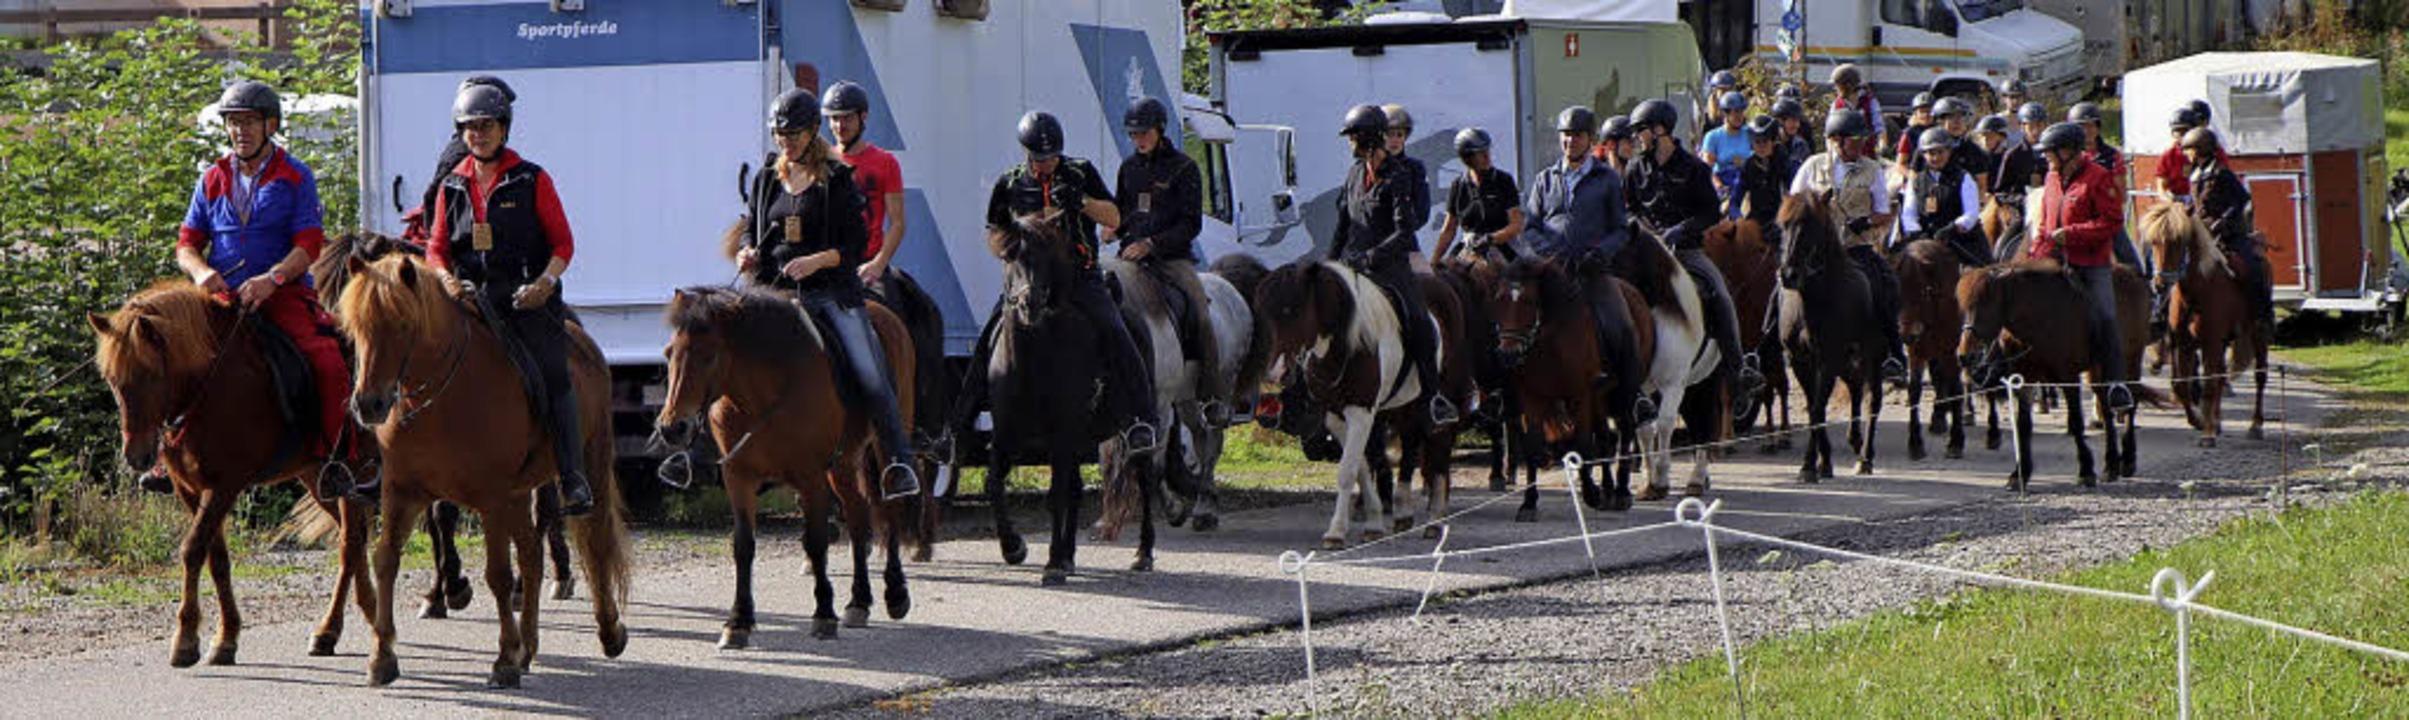 50 Reiter und Züchter aus Baden-Württe...0. Feldbergritt in Hinterzarten teil.   | Foto: Maurer